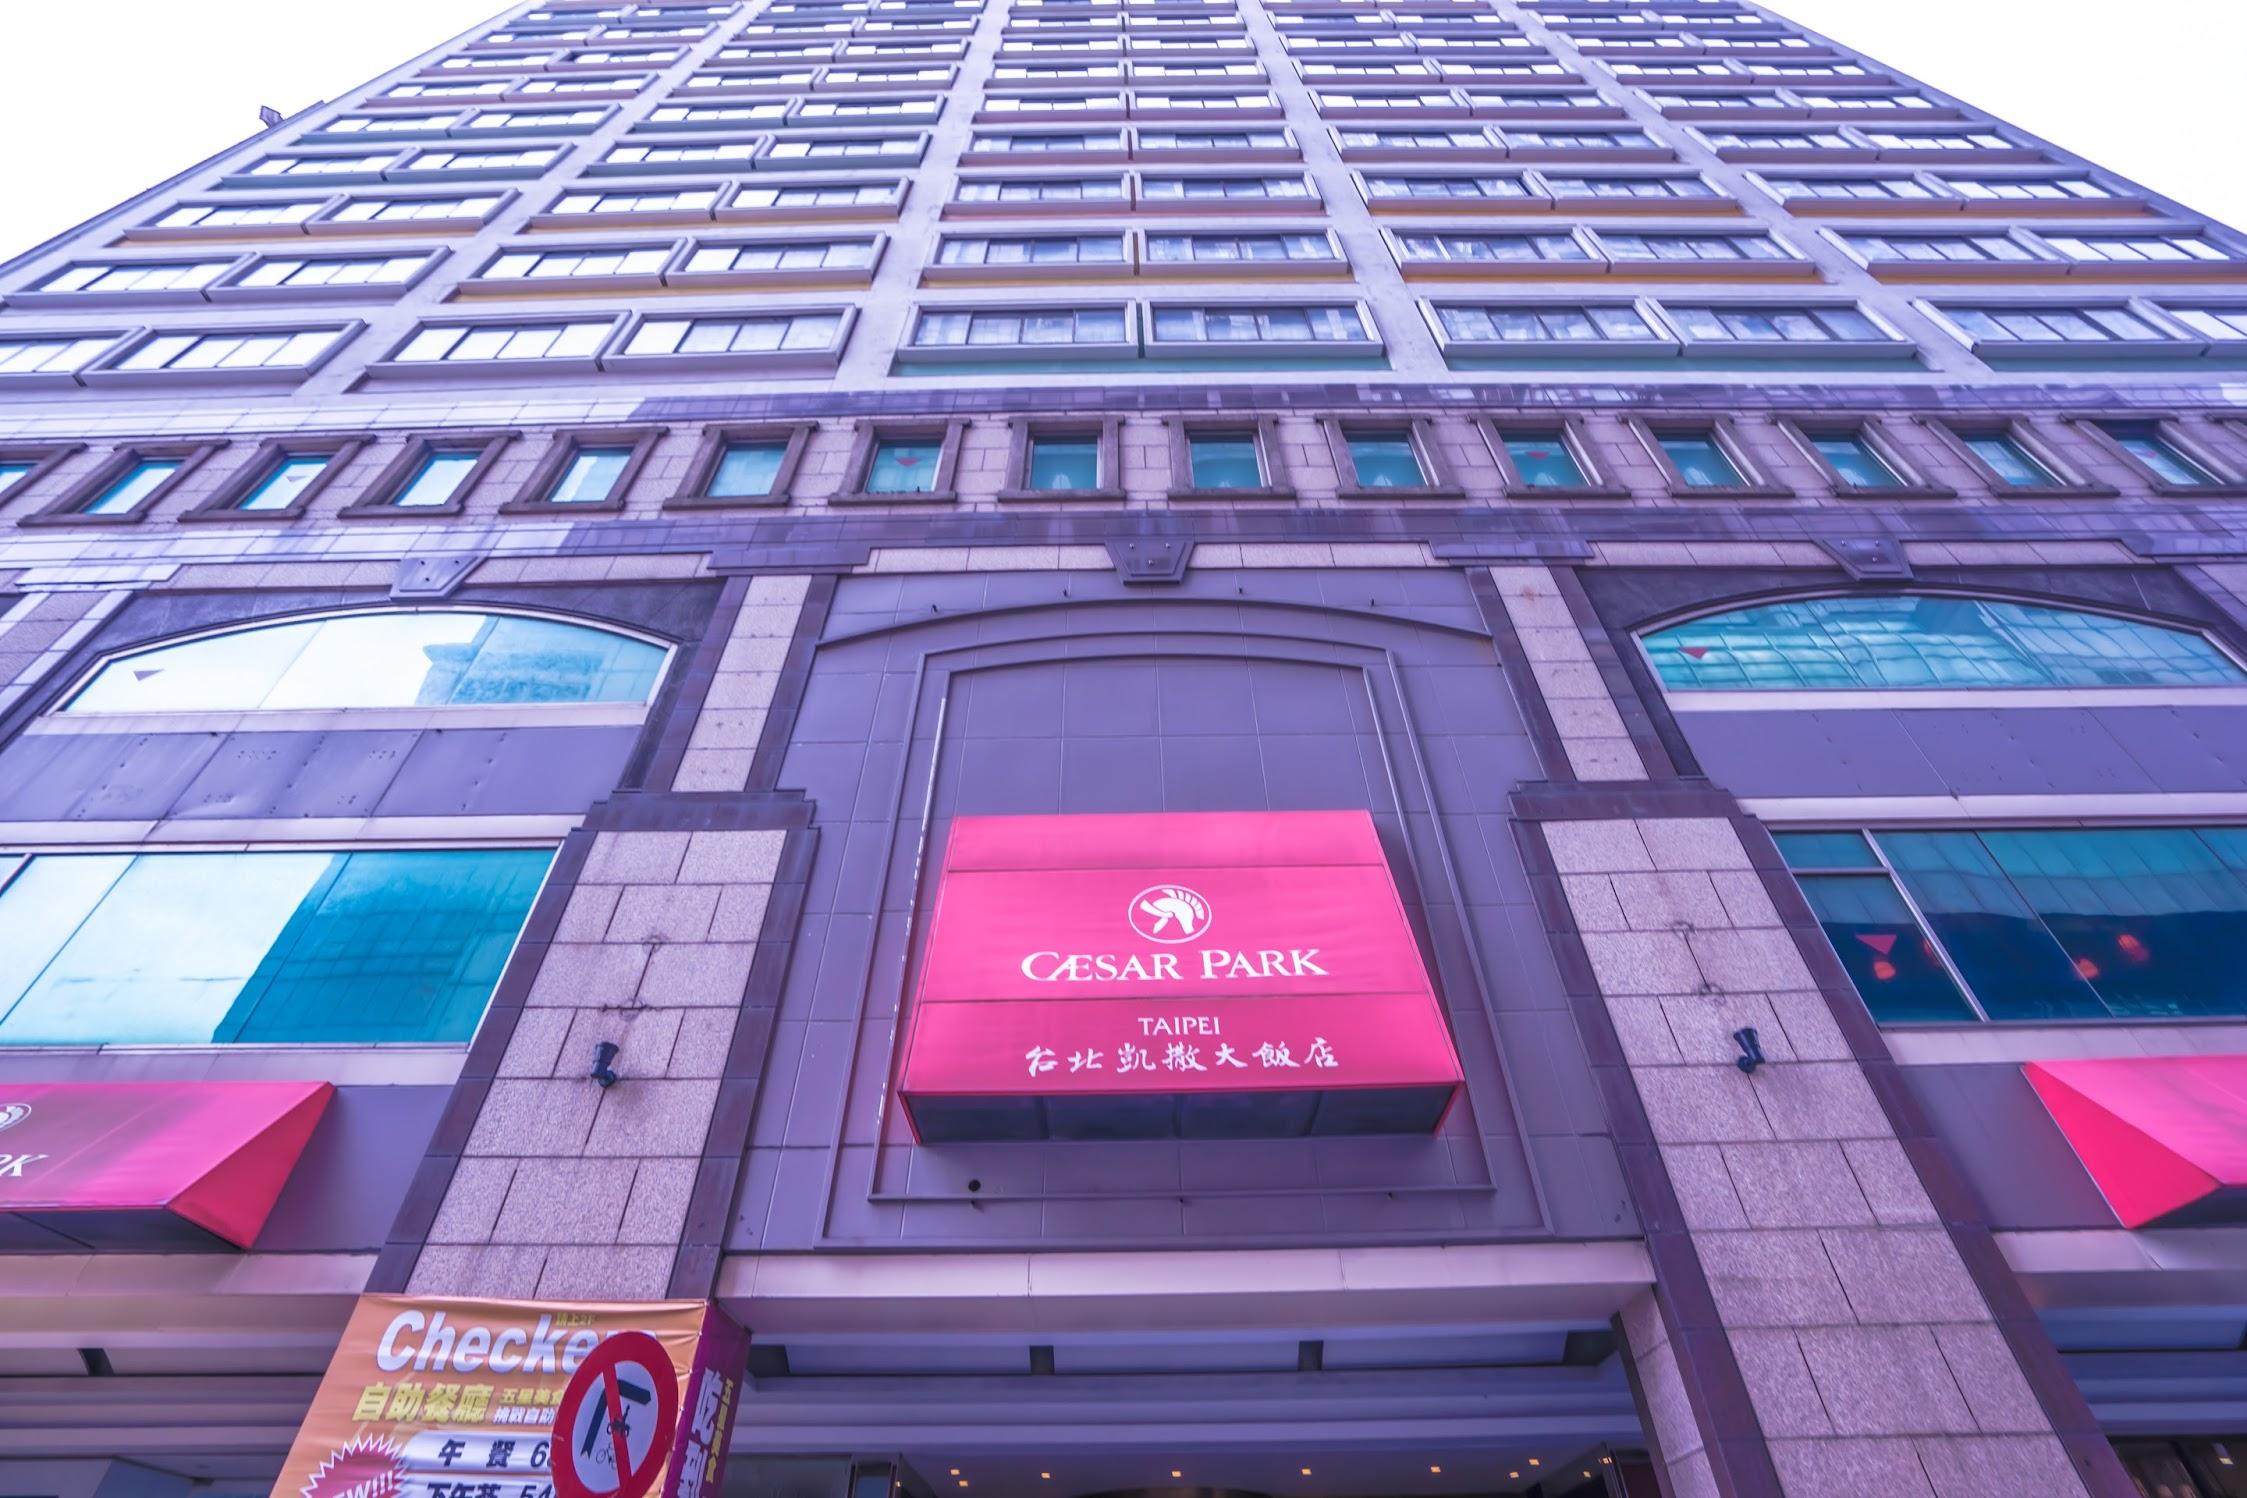 シーザーパーク台北(台北凱撒大飯店)